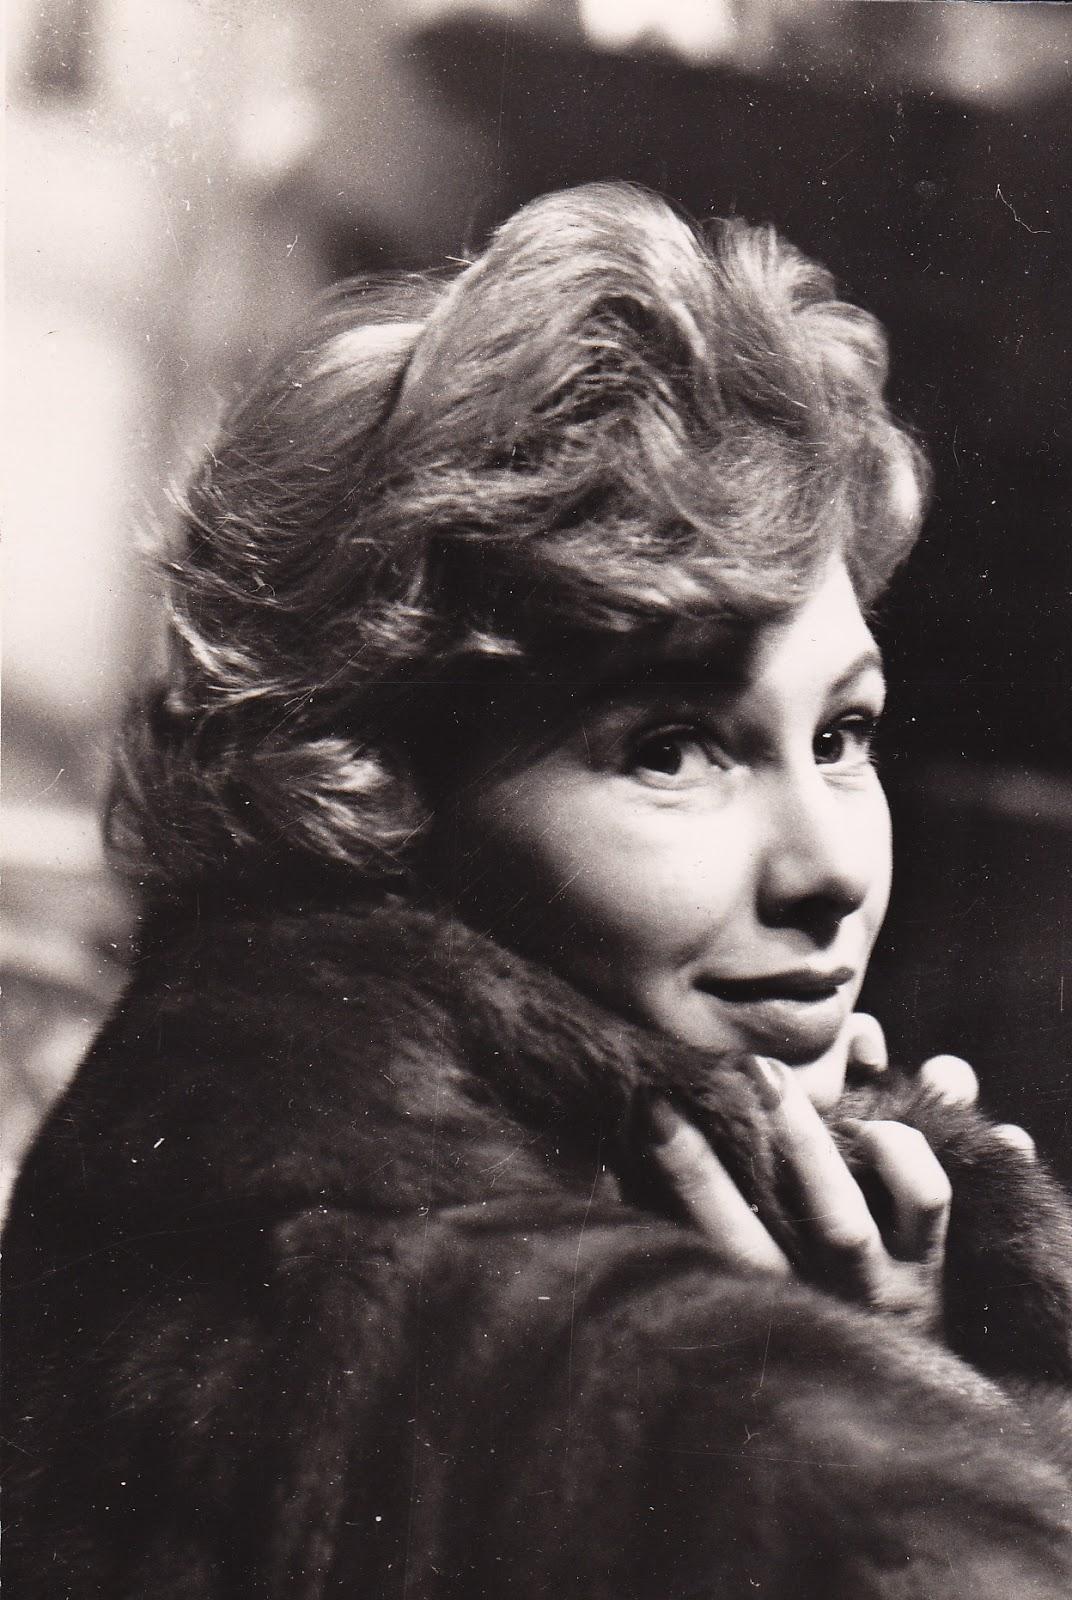 Amy Winfrey,Christy Canyon XXX video Glynis Johns (born 1923),Megan Boone